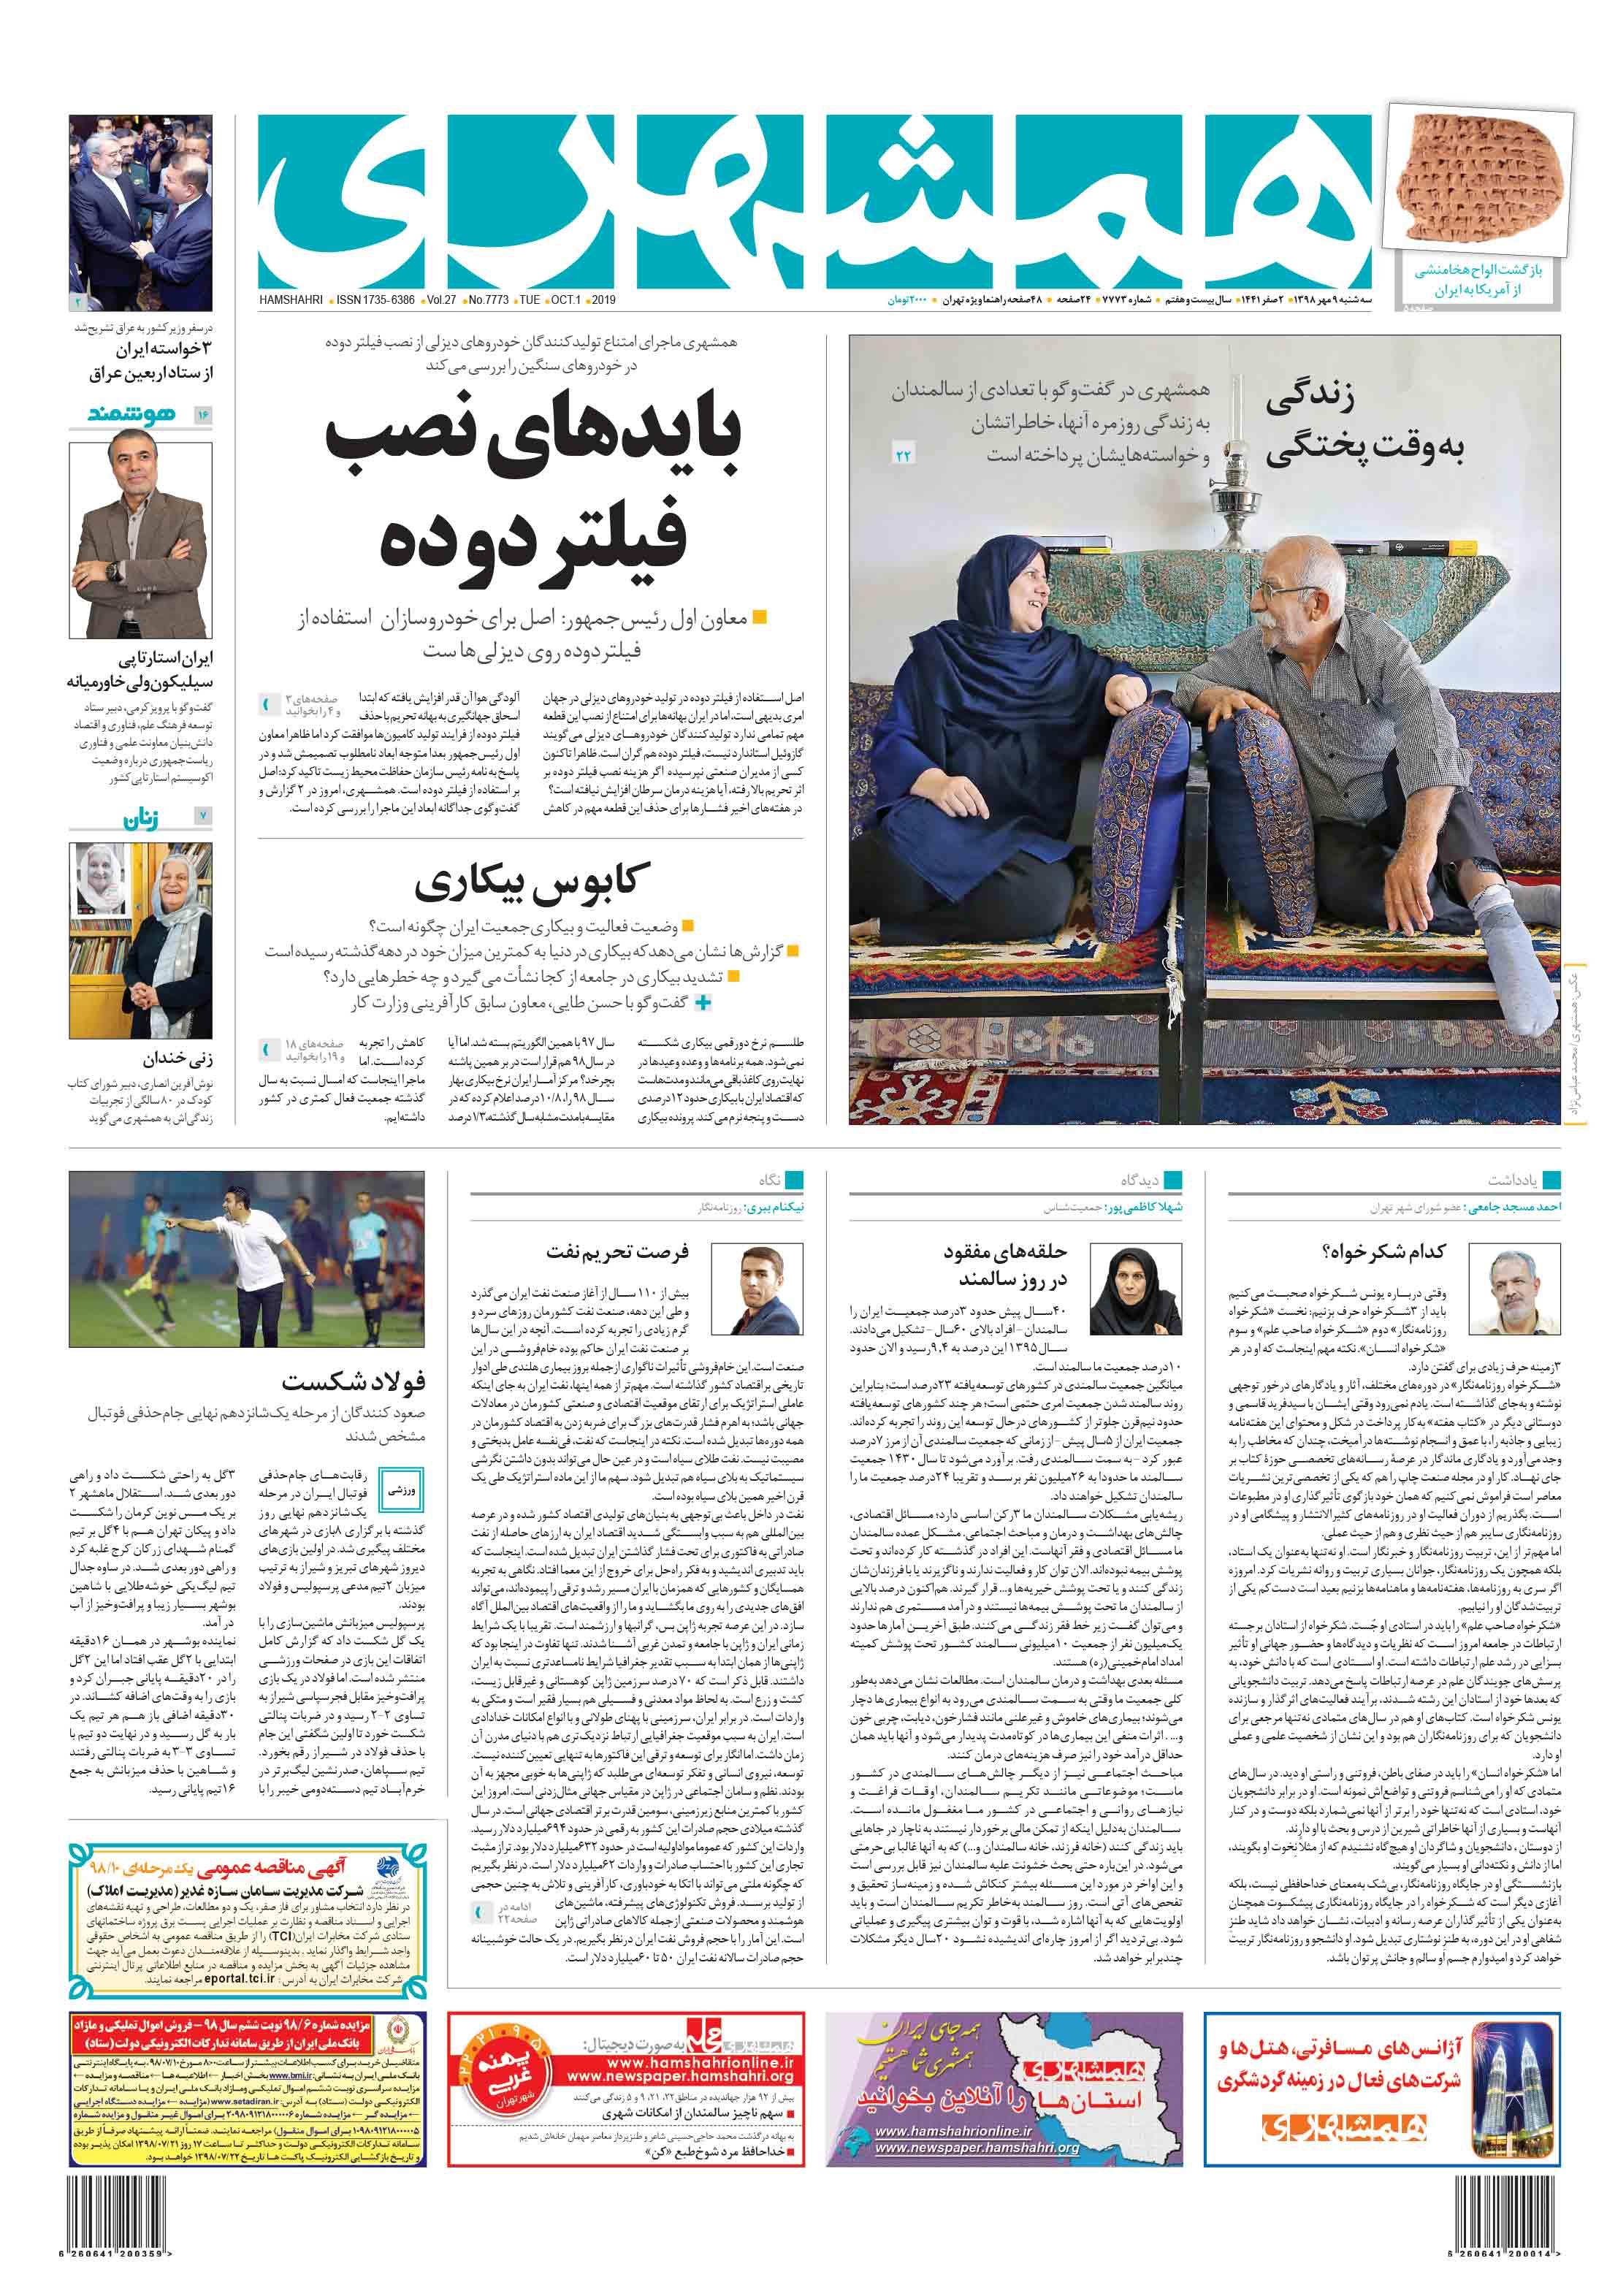 صفحه اول سه شنبه 9 مهر 1398